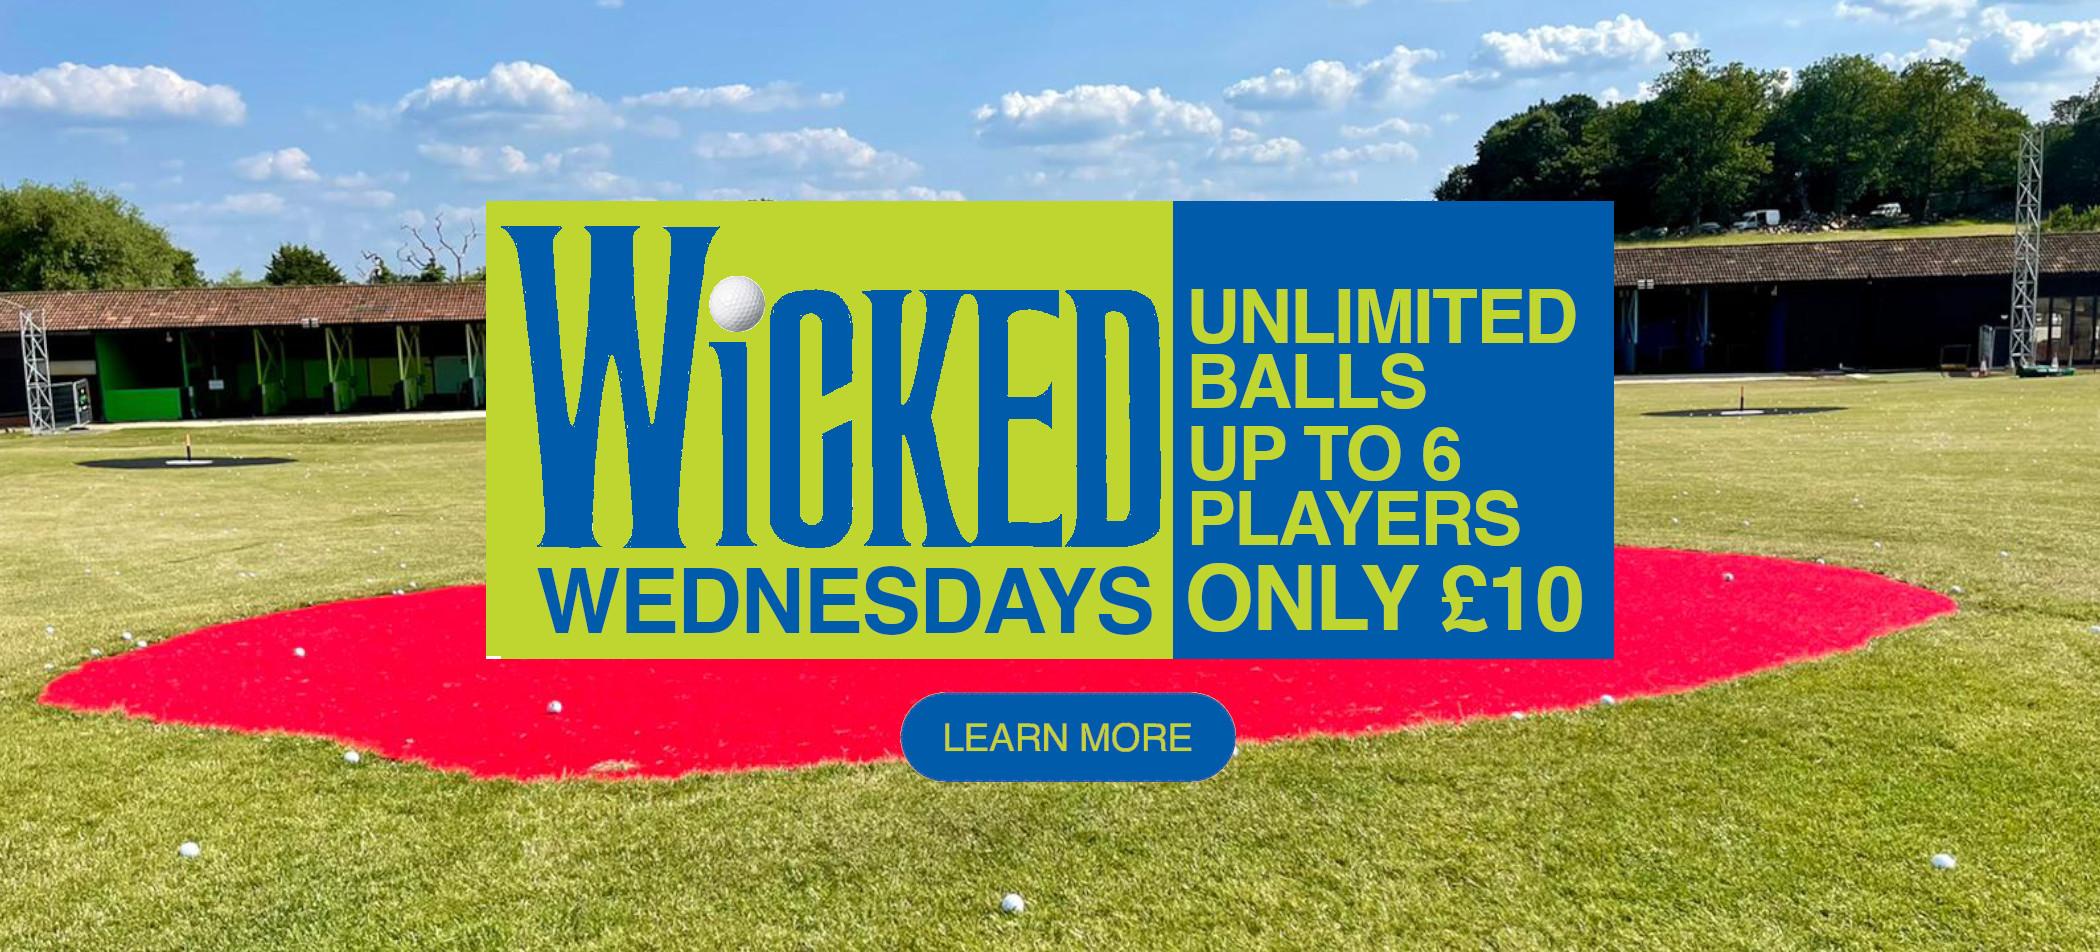 Wicked-Wednesdays